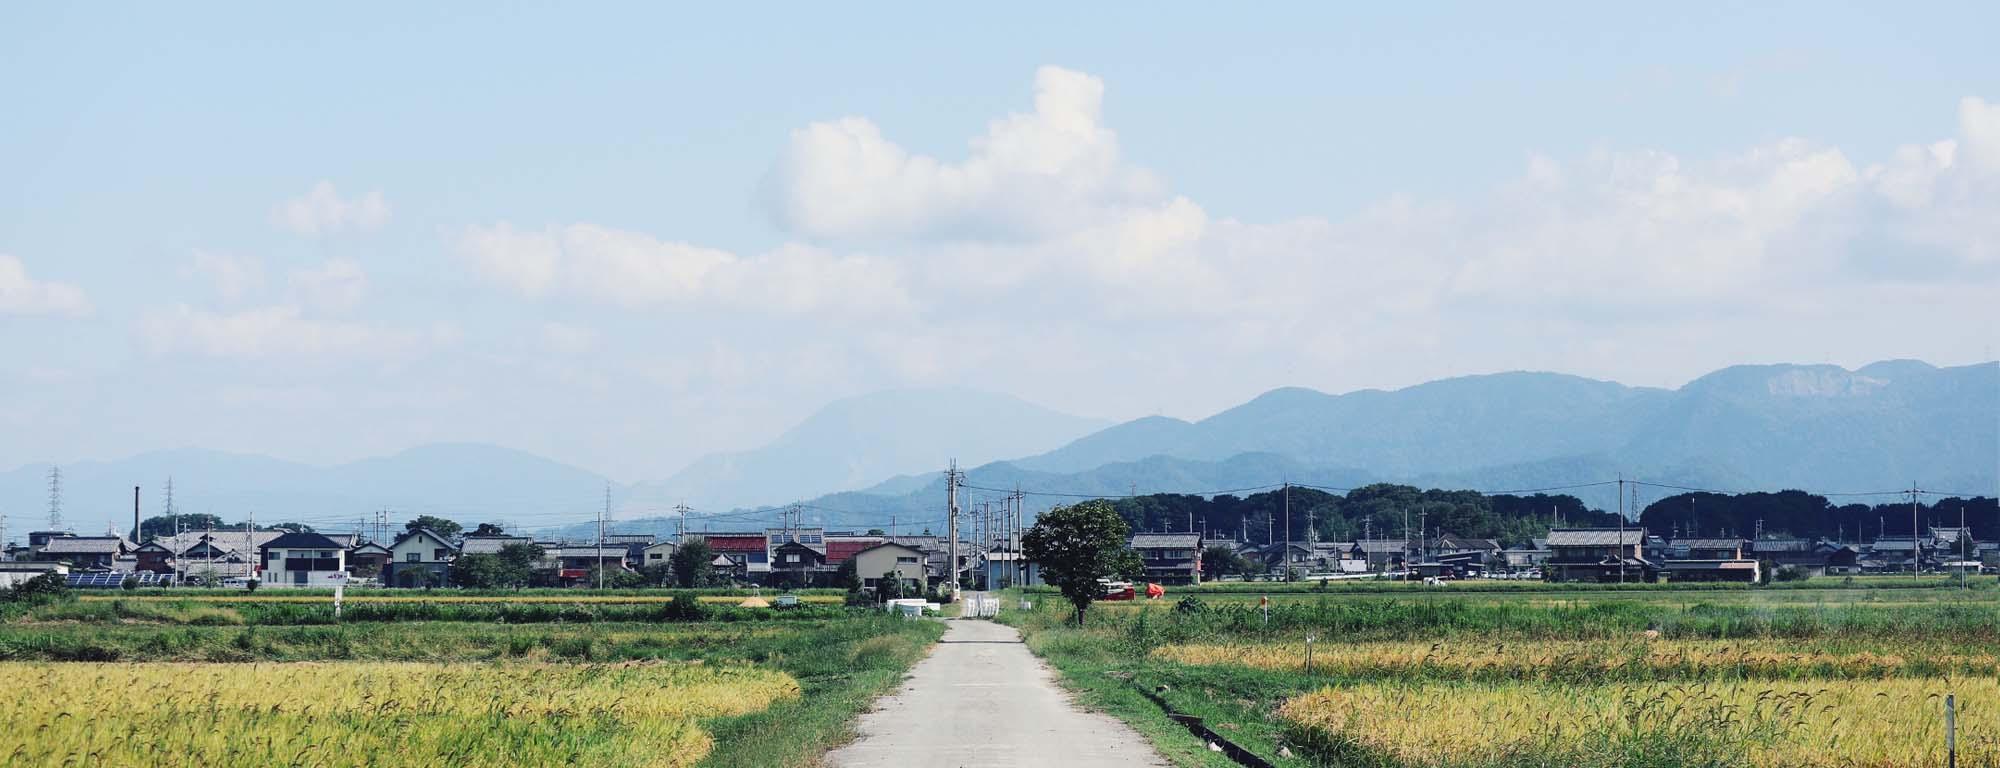 吉田の写真